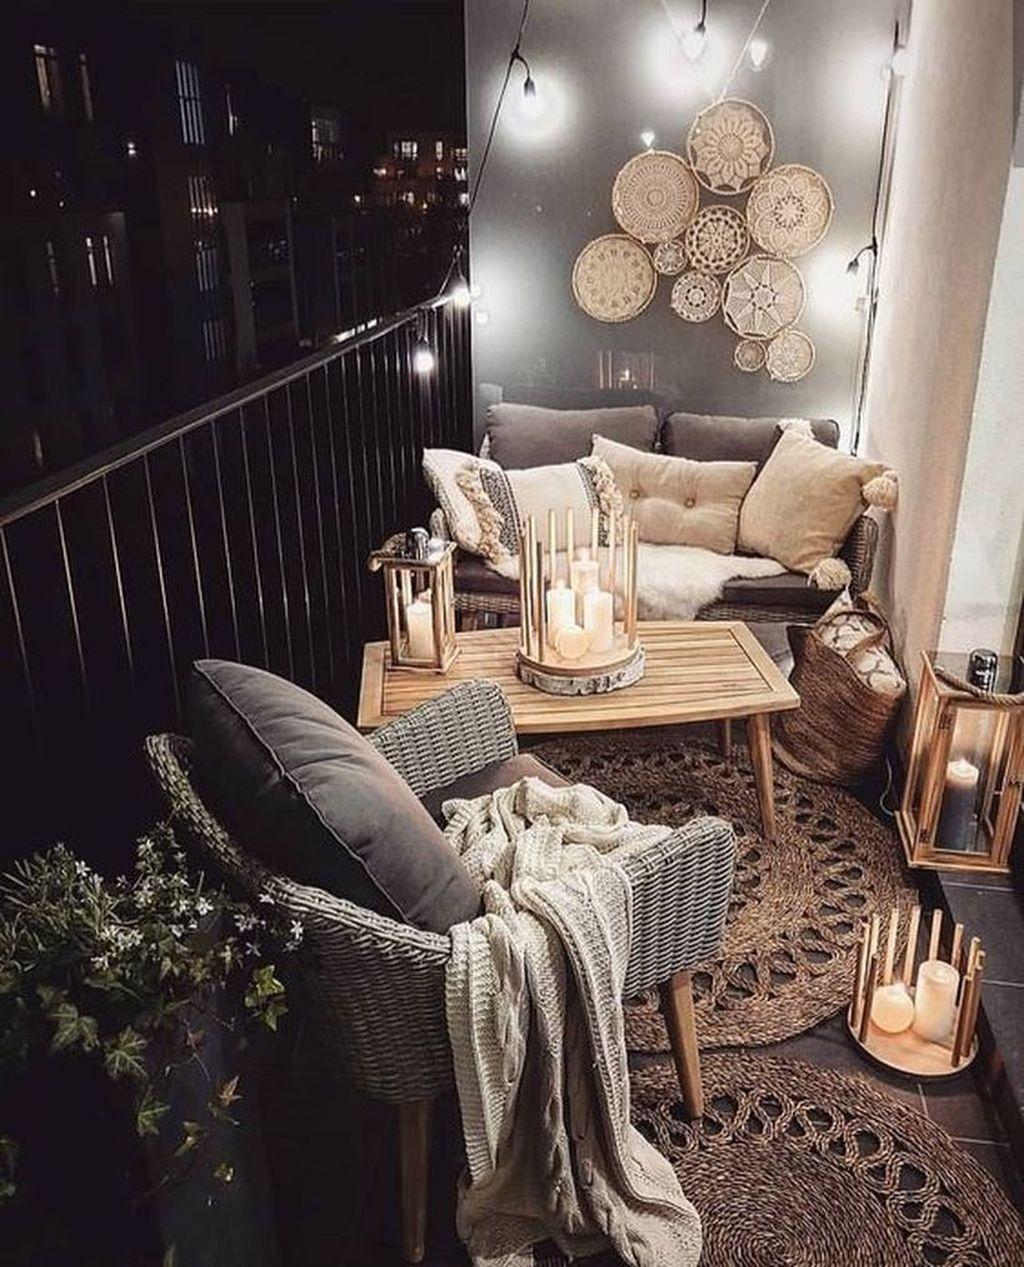 The Best Apartment Balcony Decor Ideas For Fall Season 09